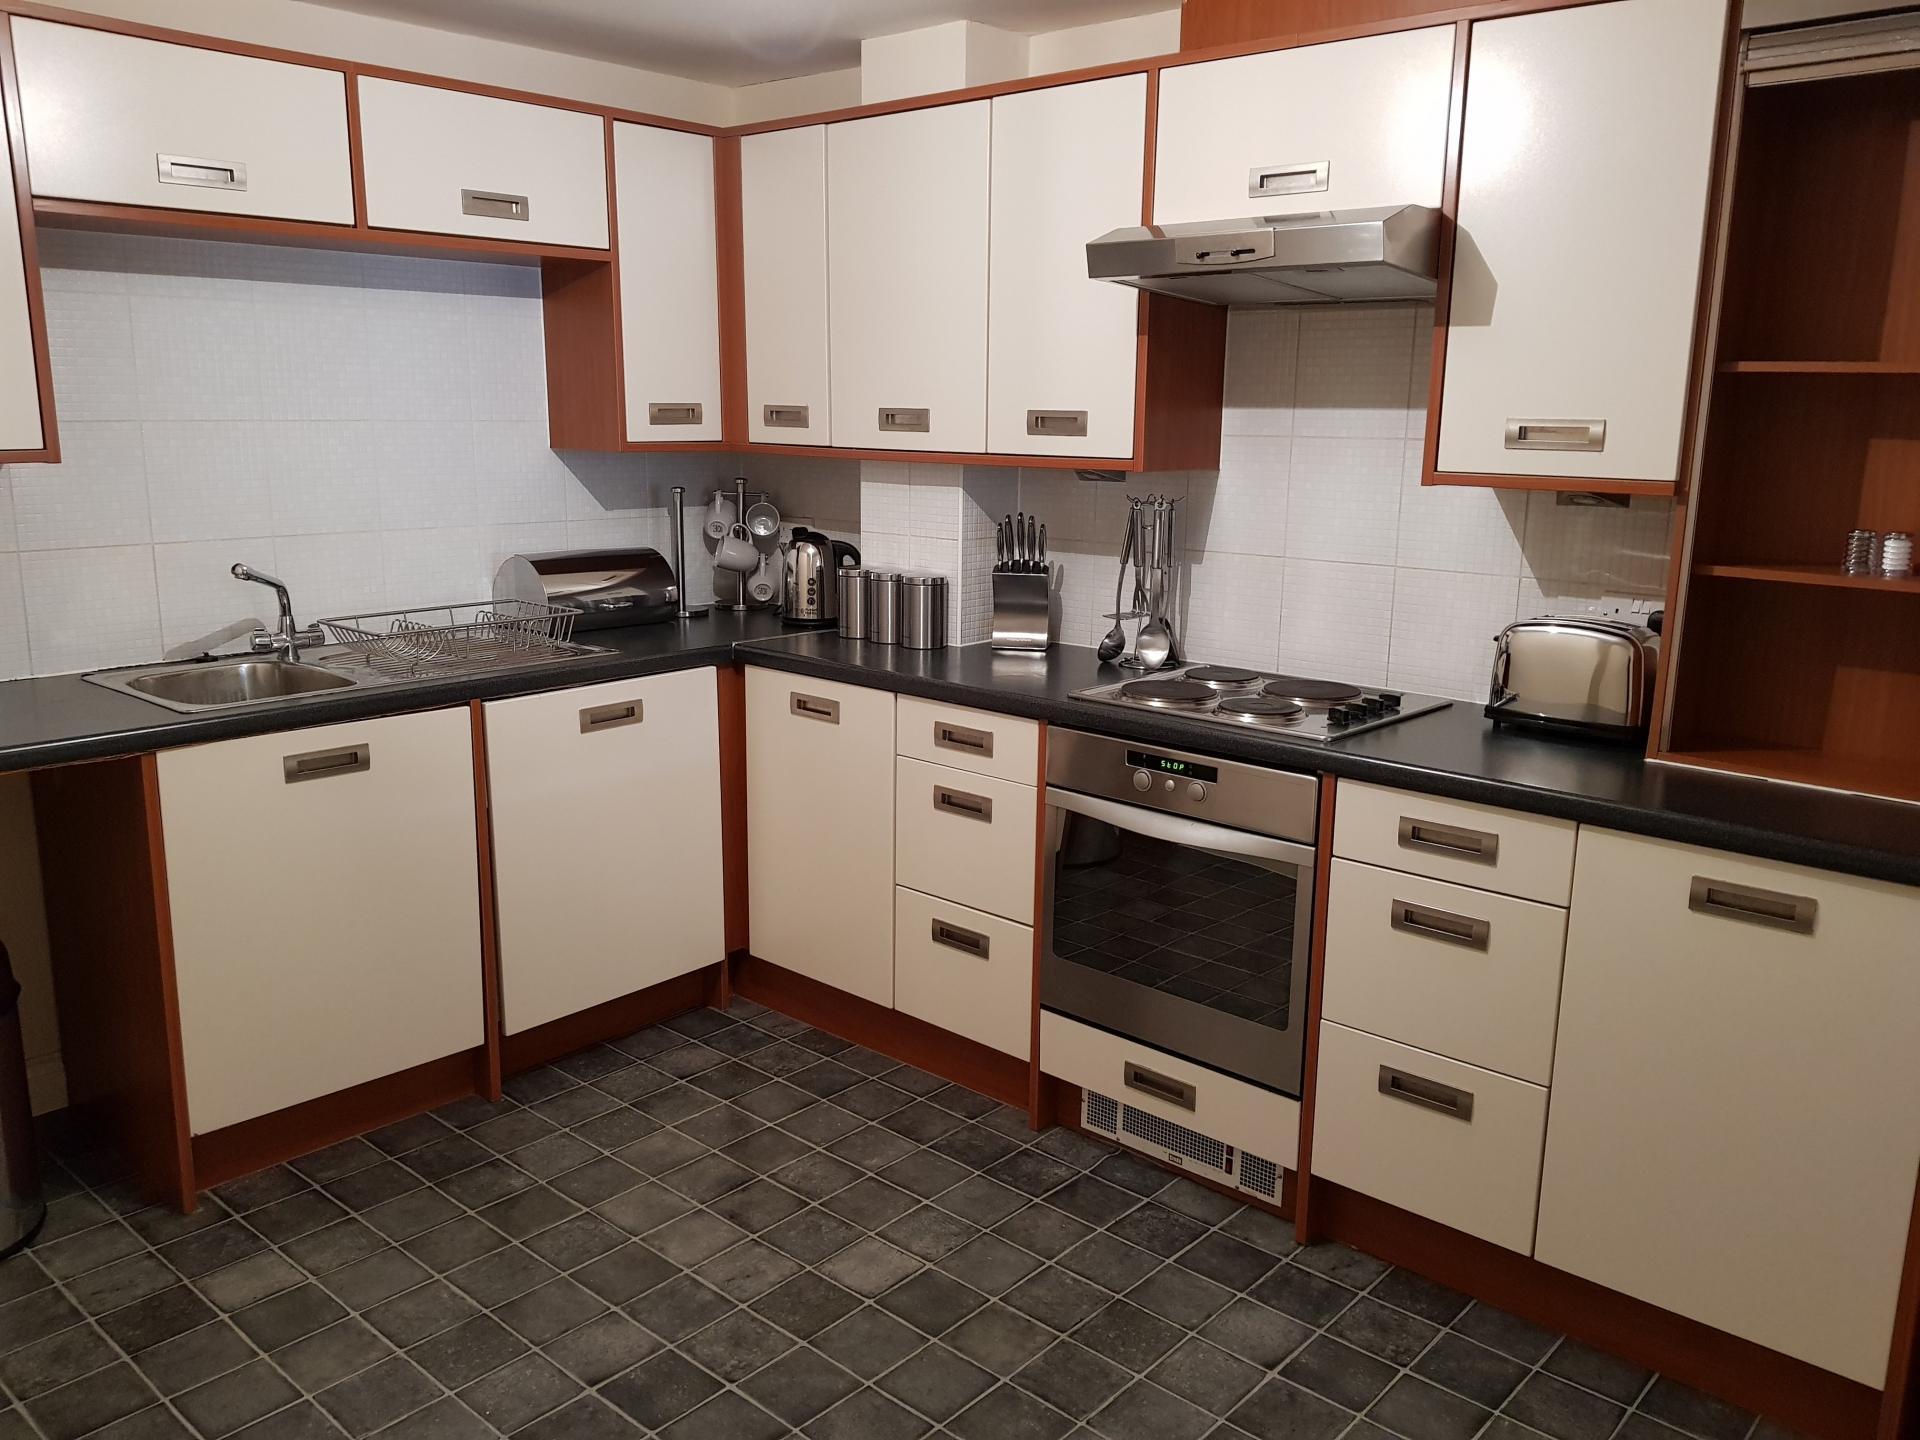 Kitchen at Le Tissier Court Apartment, The Polygon, Southampton - Citybase Apartments